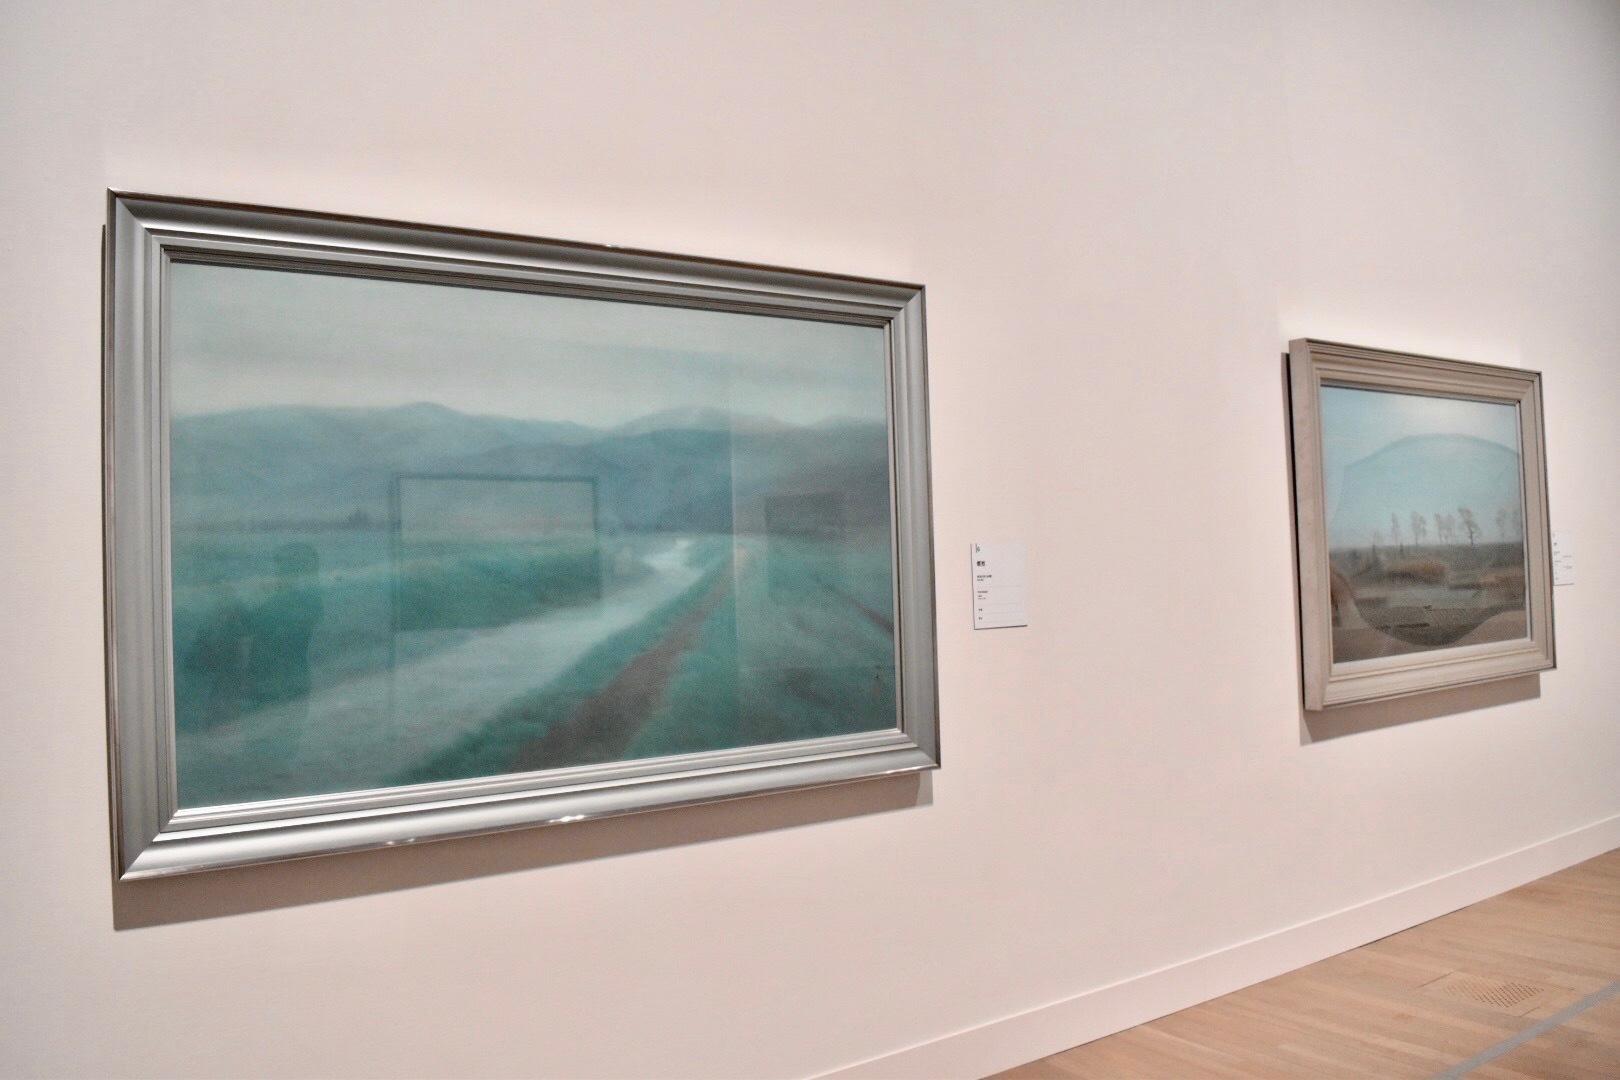 左:《郷愁》 昭和23年 右奥:《月宵》 昭和23年 香川県立東山魁夷せとうち美術館蔵